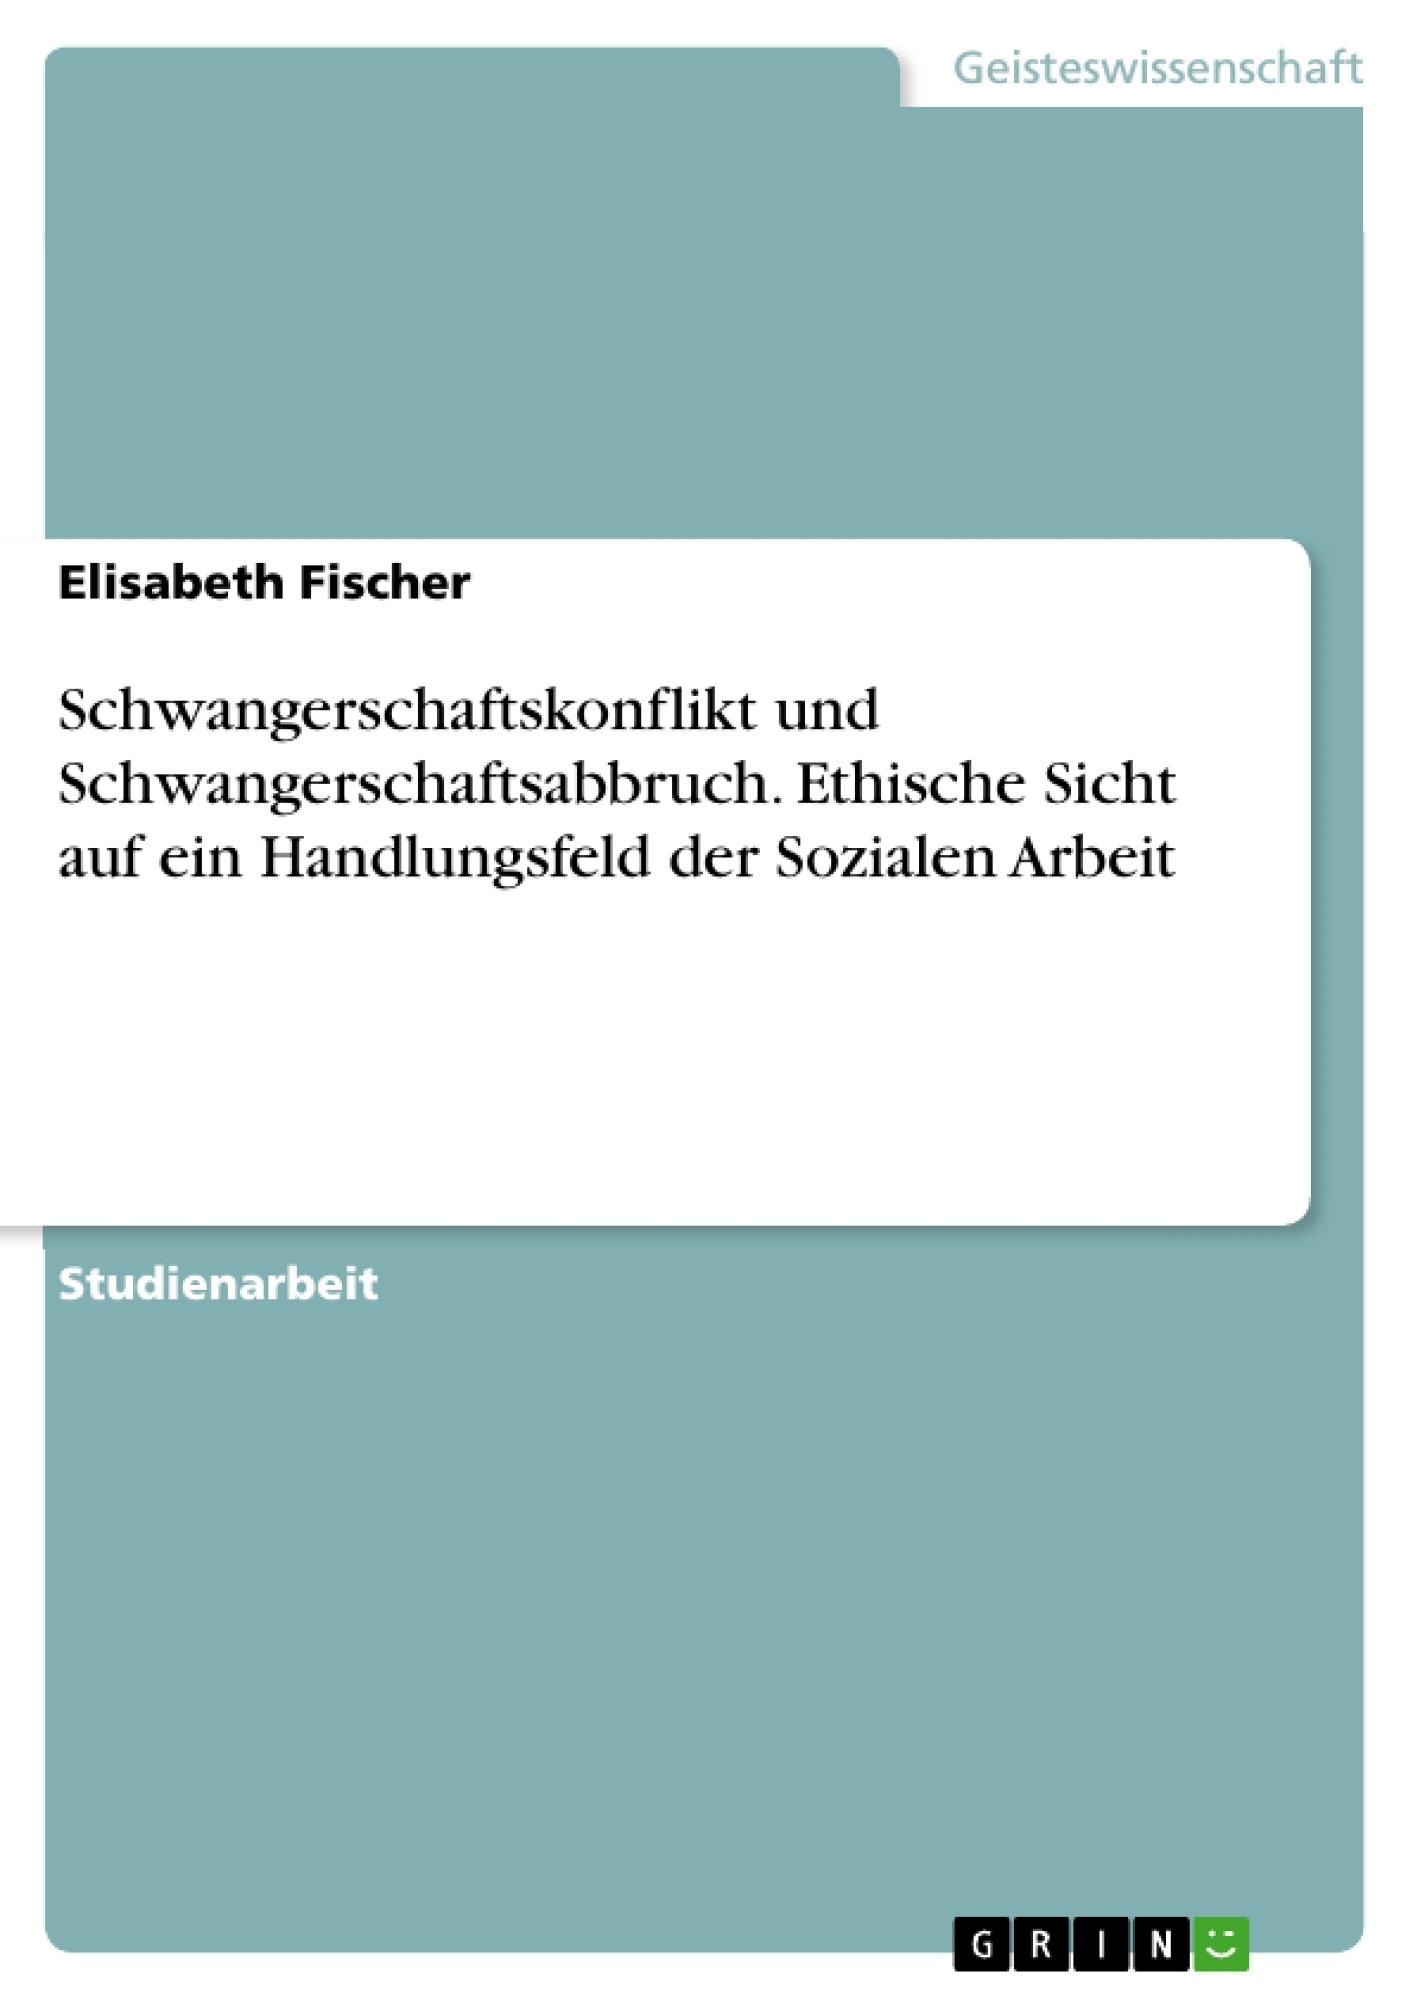 Titel: Schwangerschaftskonflikt und Schwangerschaftsabbruch. Ethische Sicht auf ein Handlungsfeld der Sozialen Arbeit